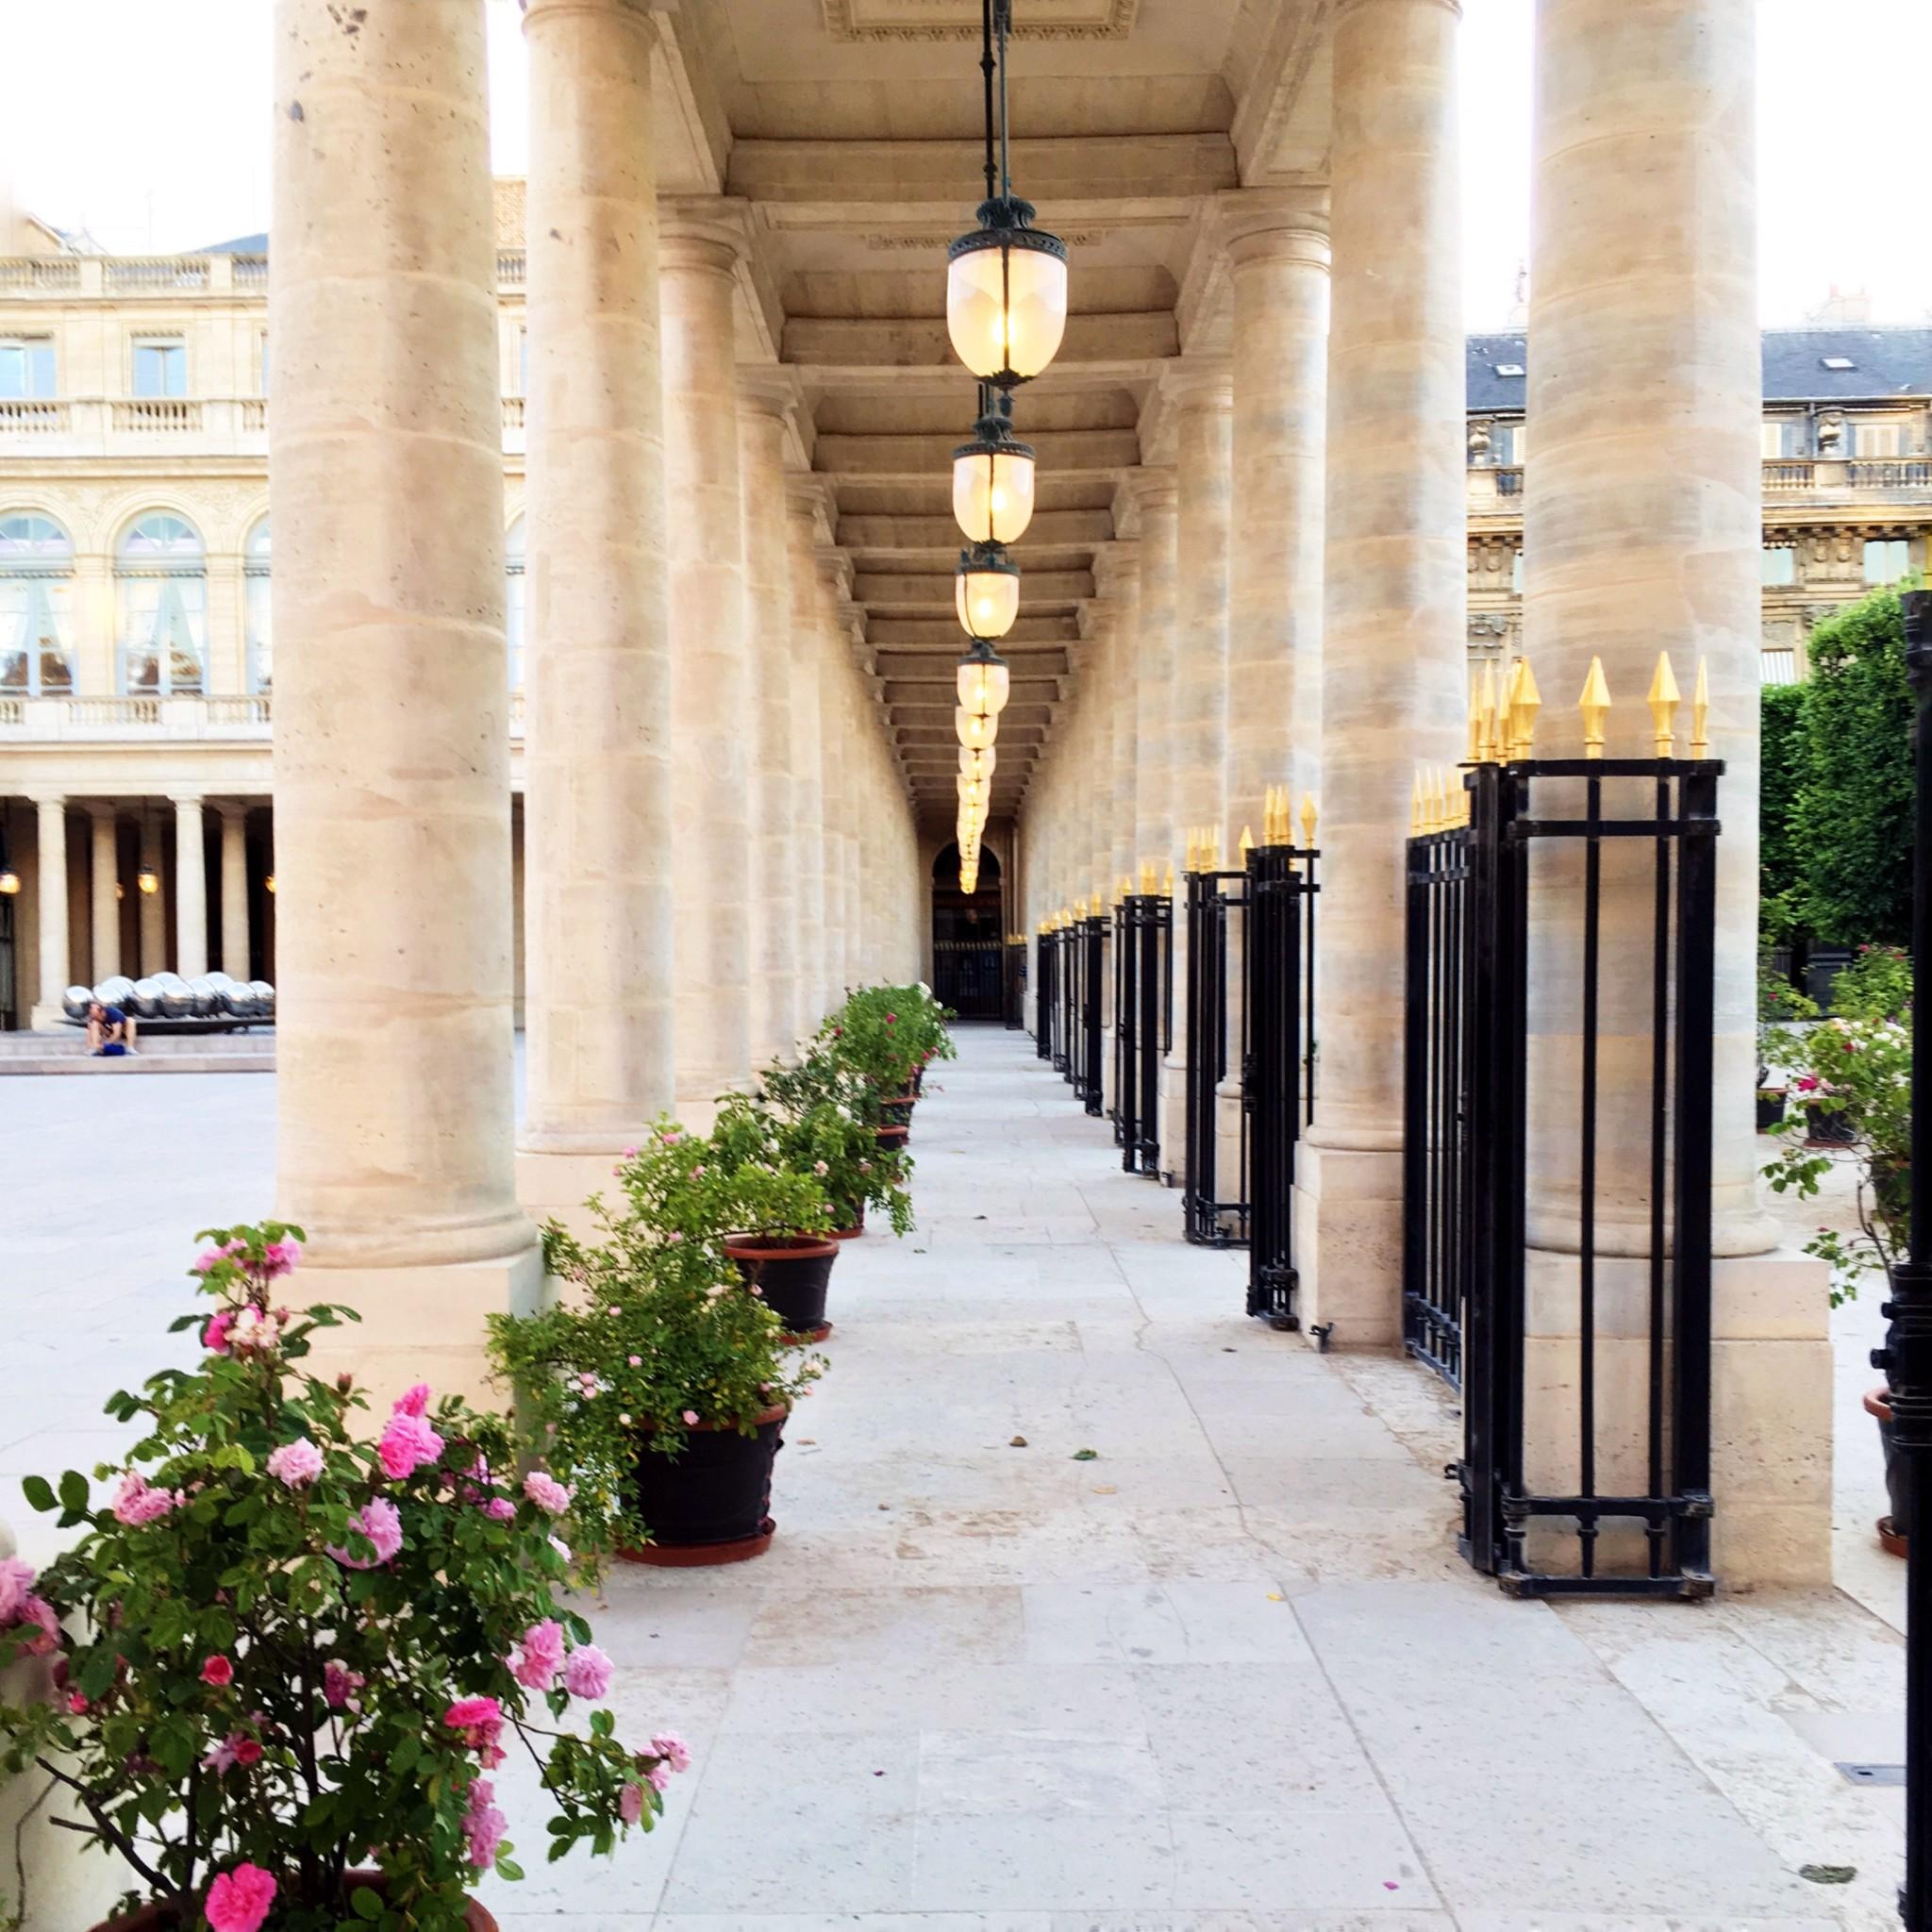 Фотогеничный Париж. 12 мест для лучших инстаграм фото Парижа | Блог Варвары Лялягиной «Дом, в который хочется приходить»